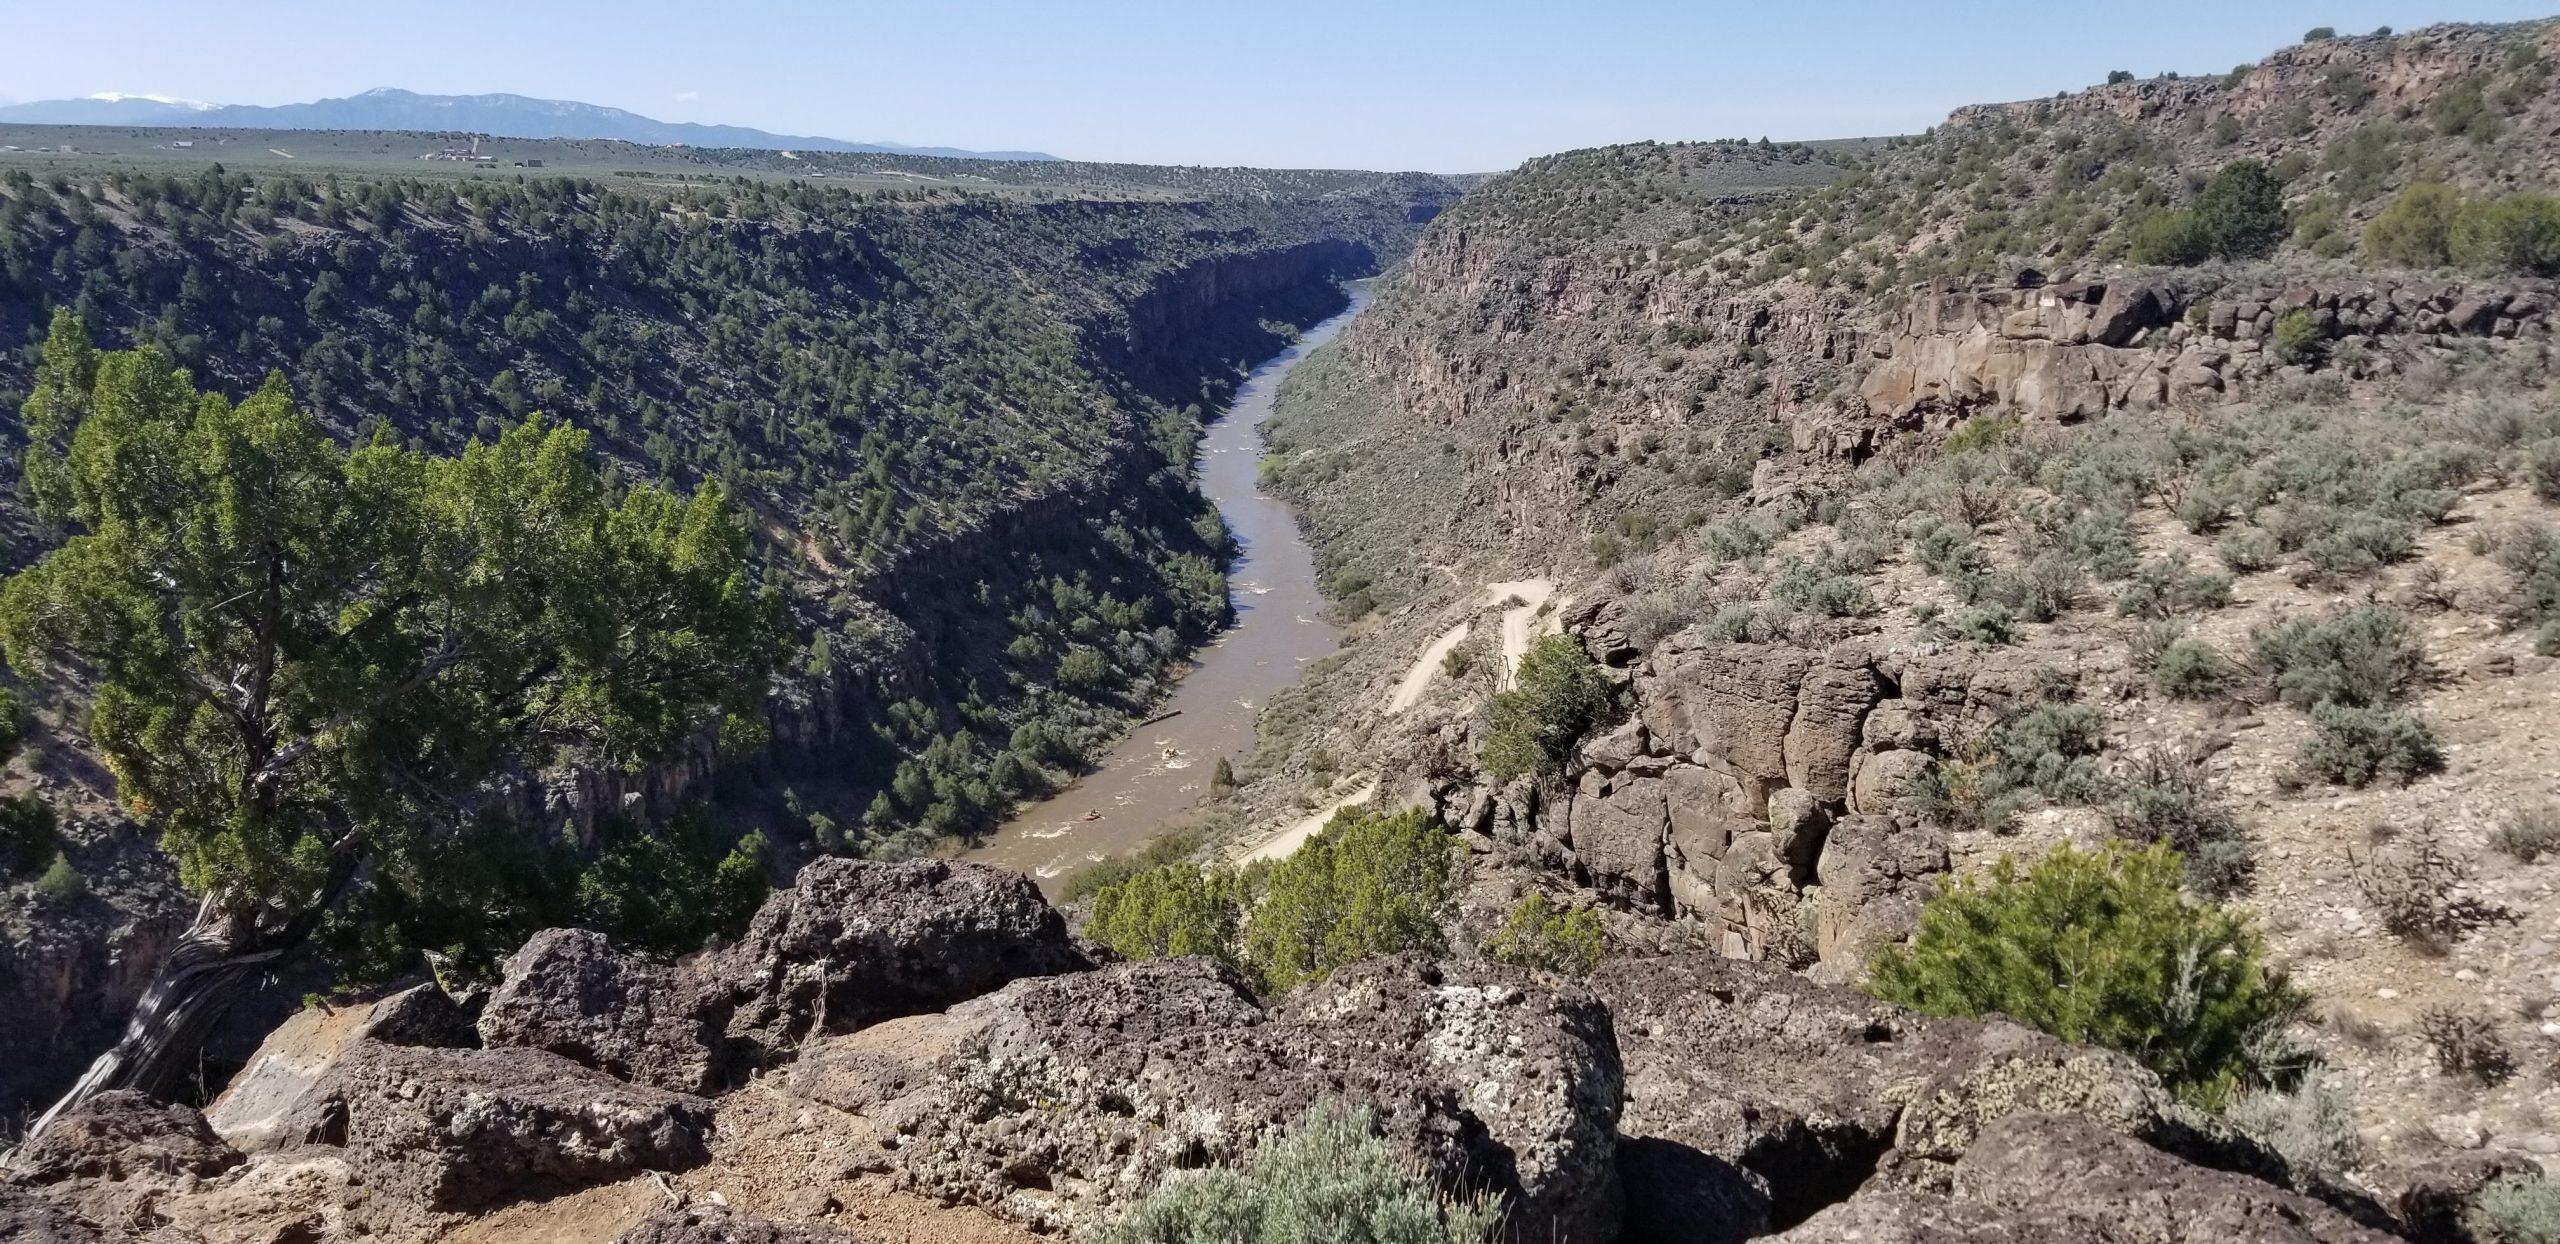 Rio Grande river landscape